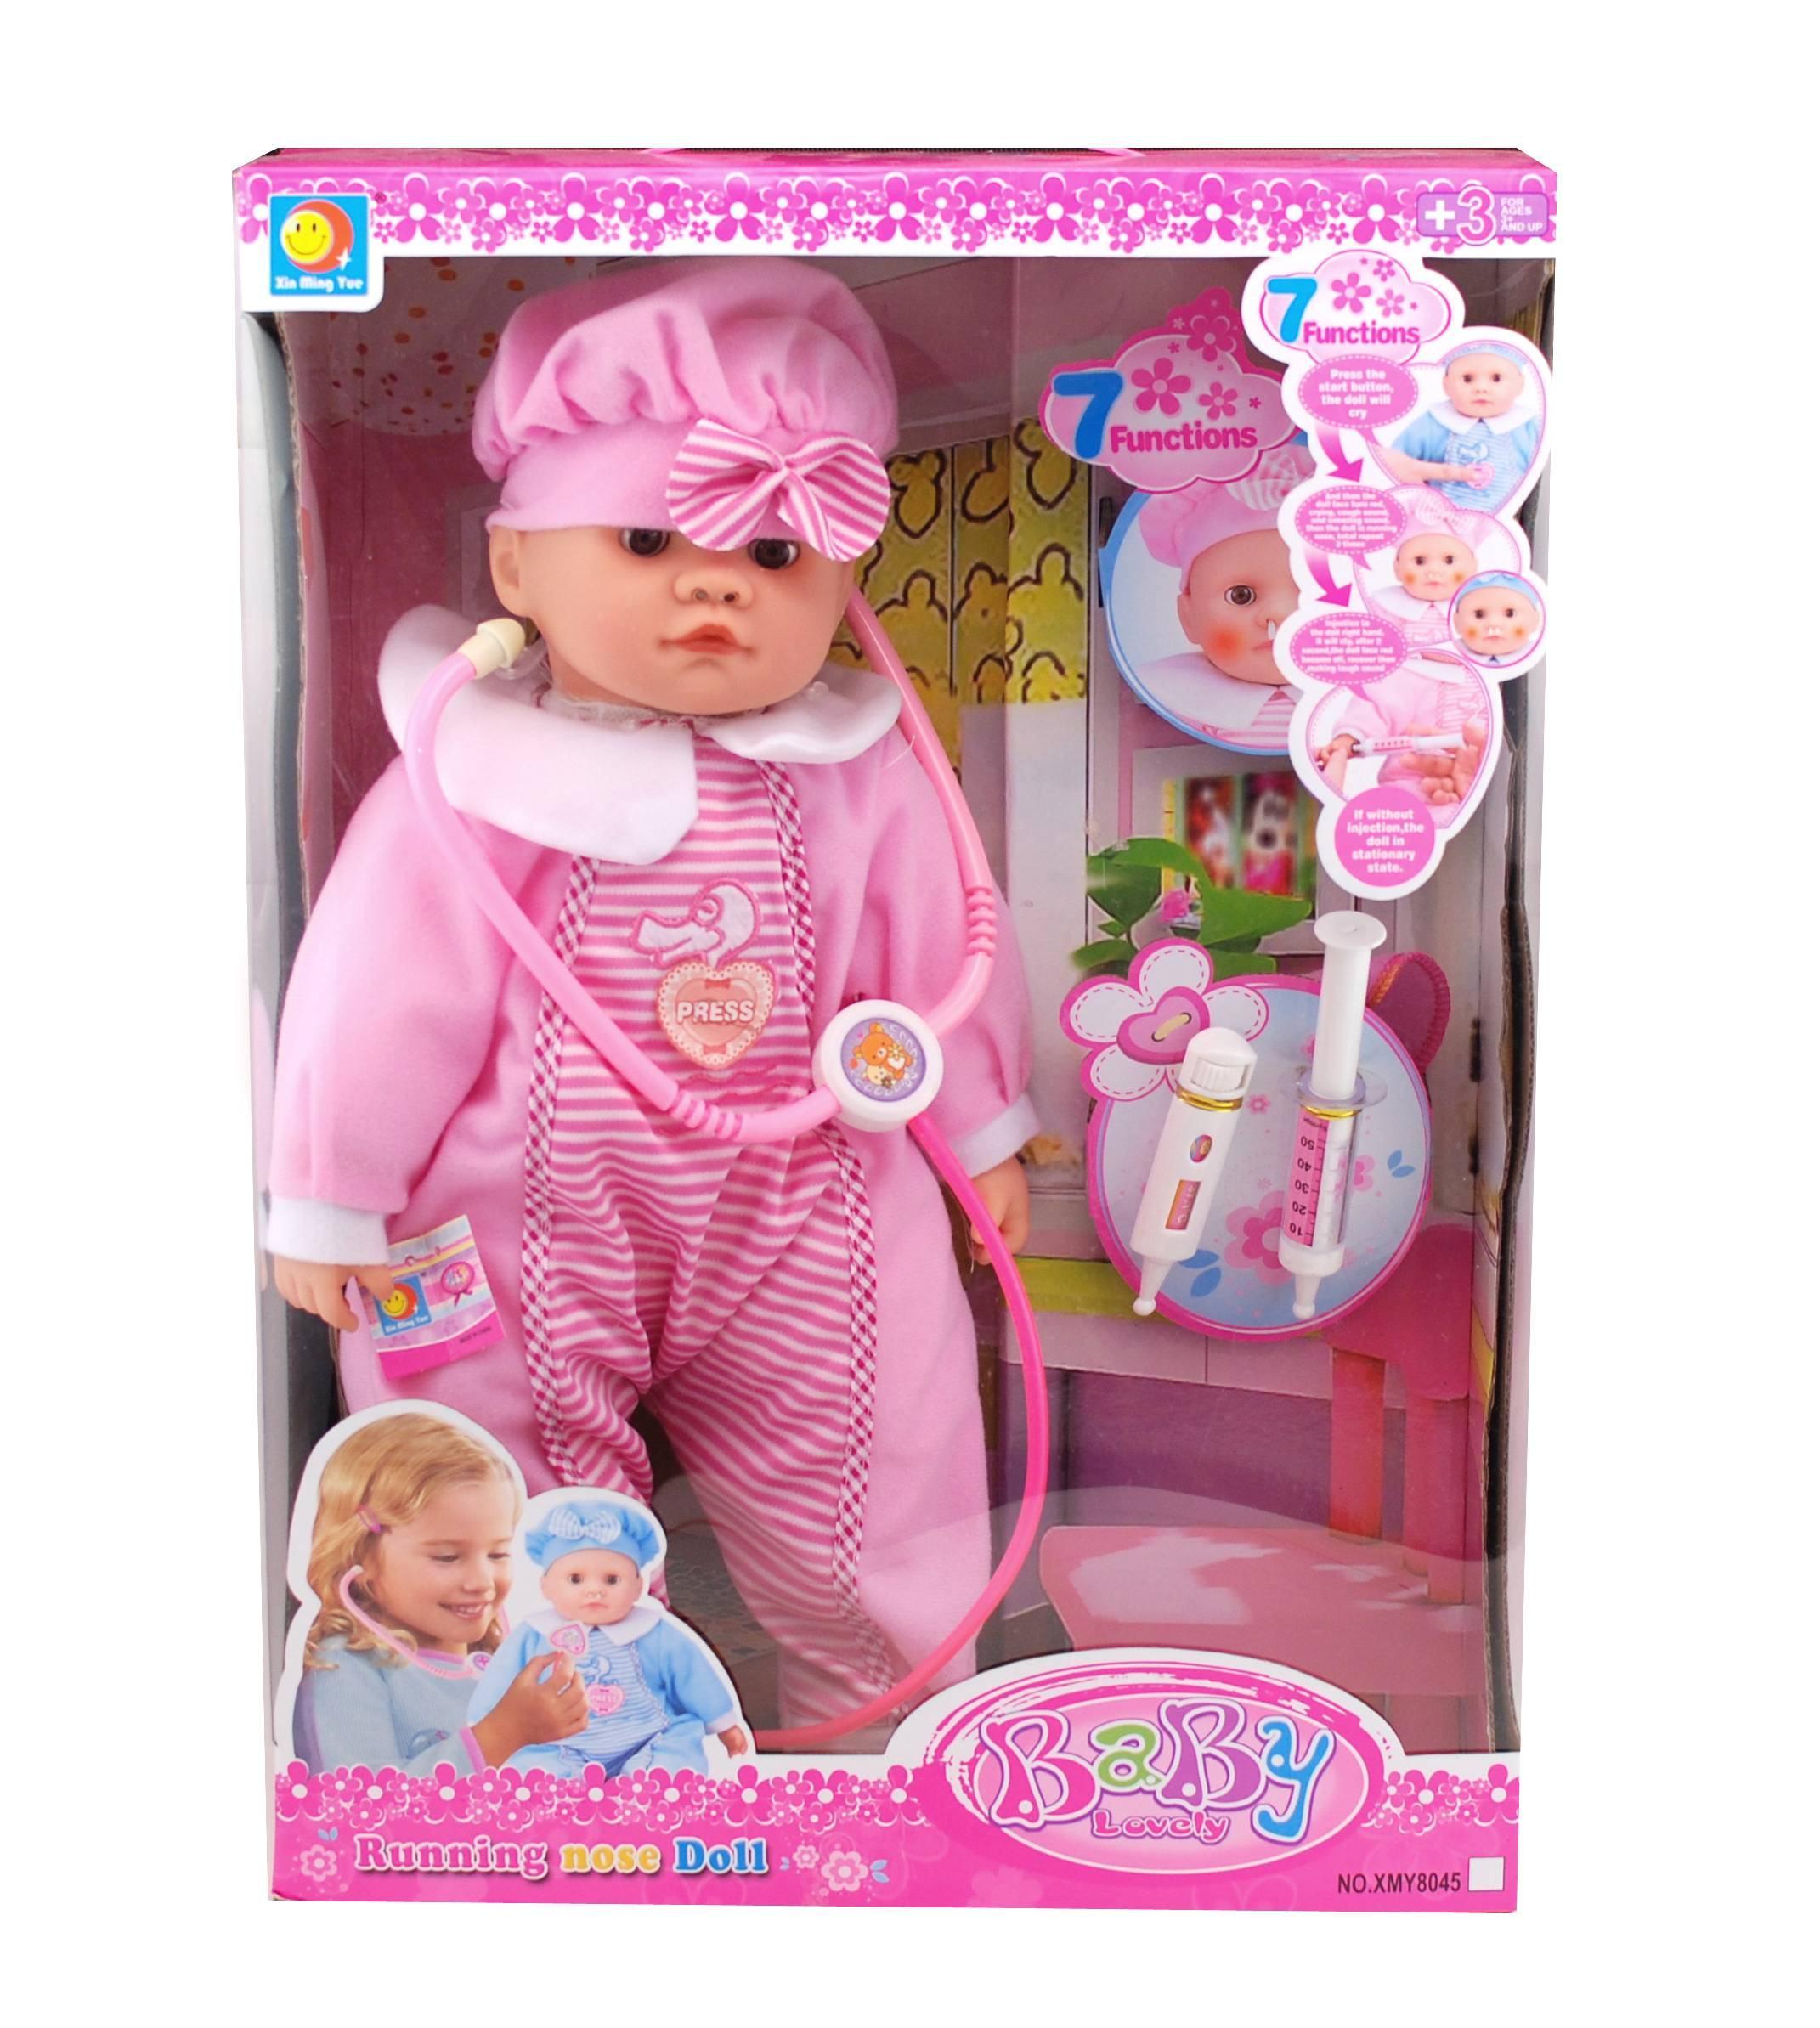 Bebelus de jucarie La Doctor set cu bebelus si accesorii pentru copii